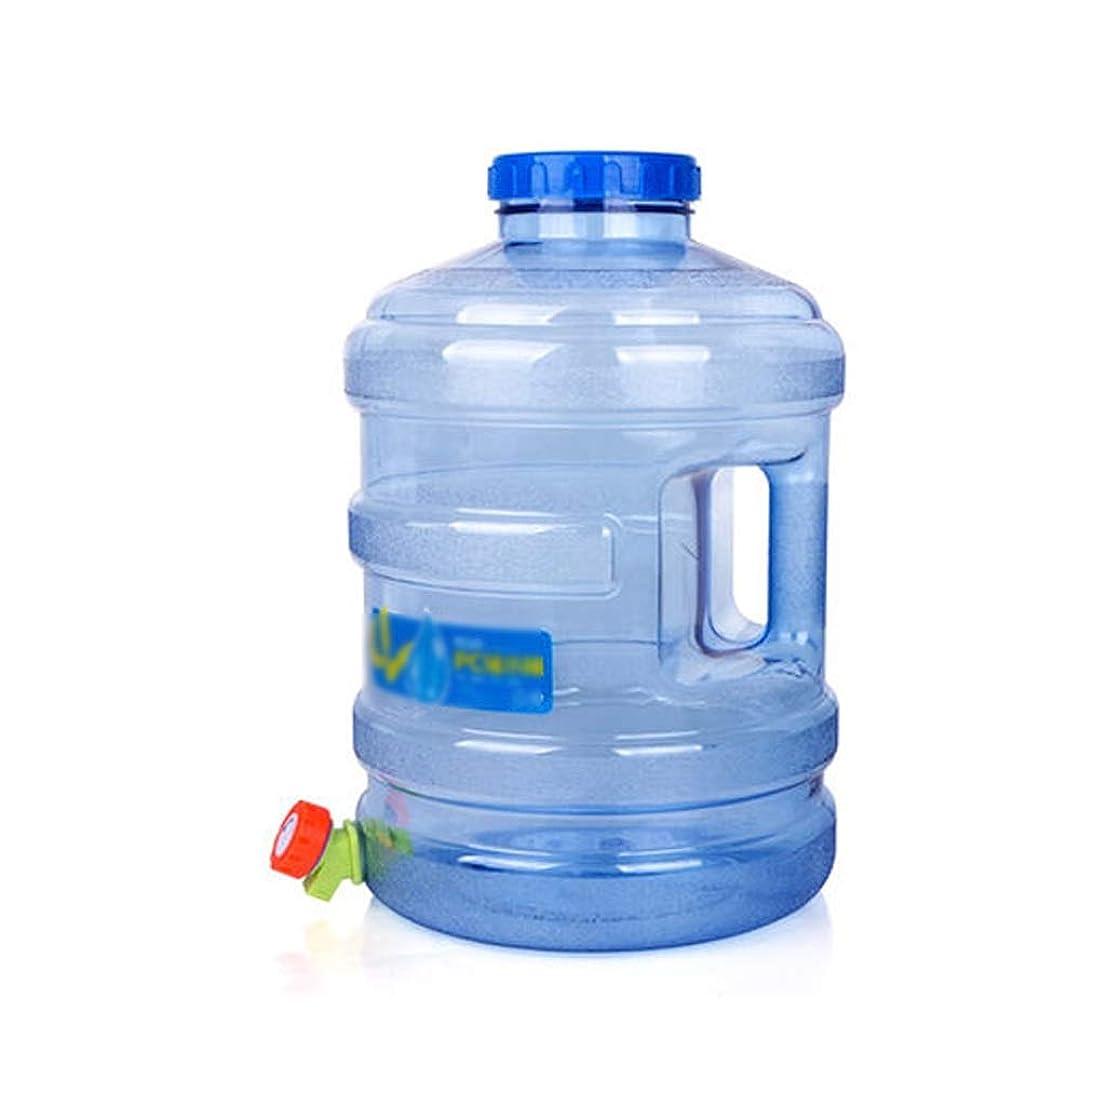 壁紙終わり保存GMSX 水貯蔵容器、蛇口付き家庭用PC純水飲料バケット屋外キャンプ車ポータブル水タンク、大容量 水タンク (Size : 7.5L)